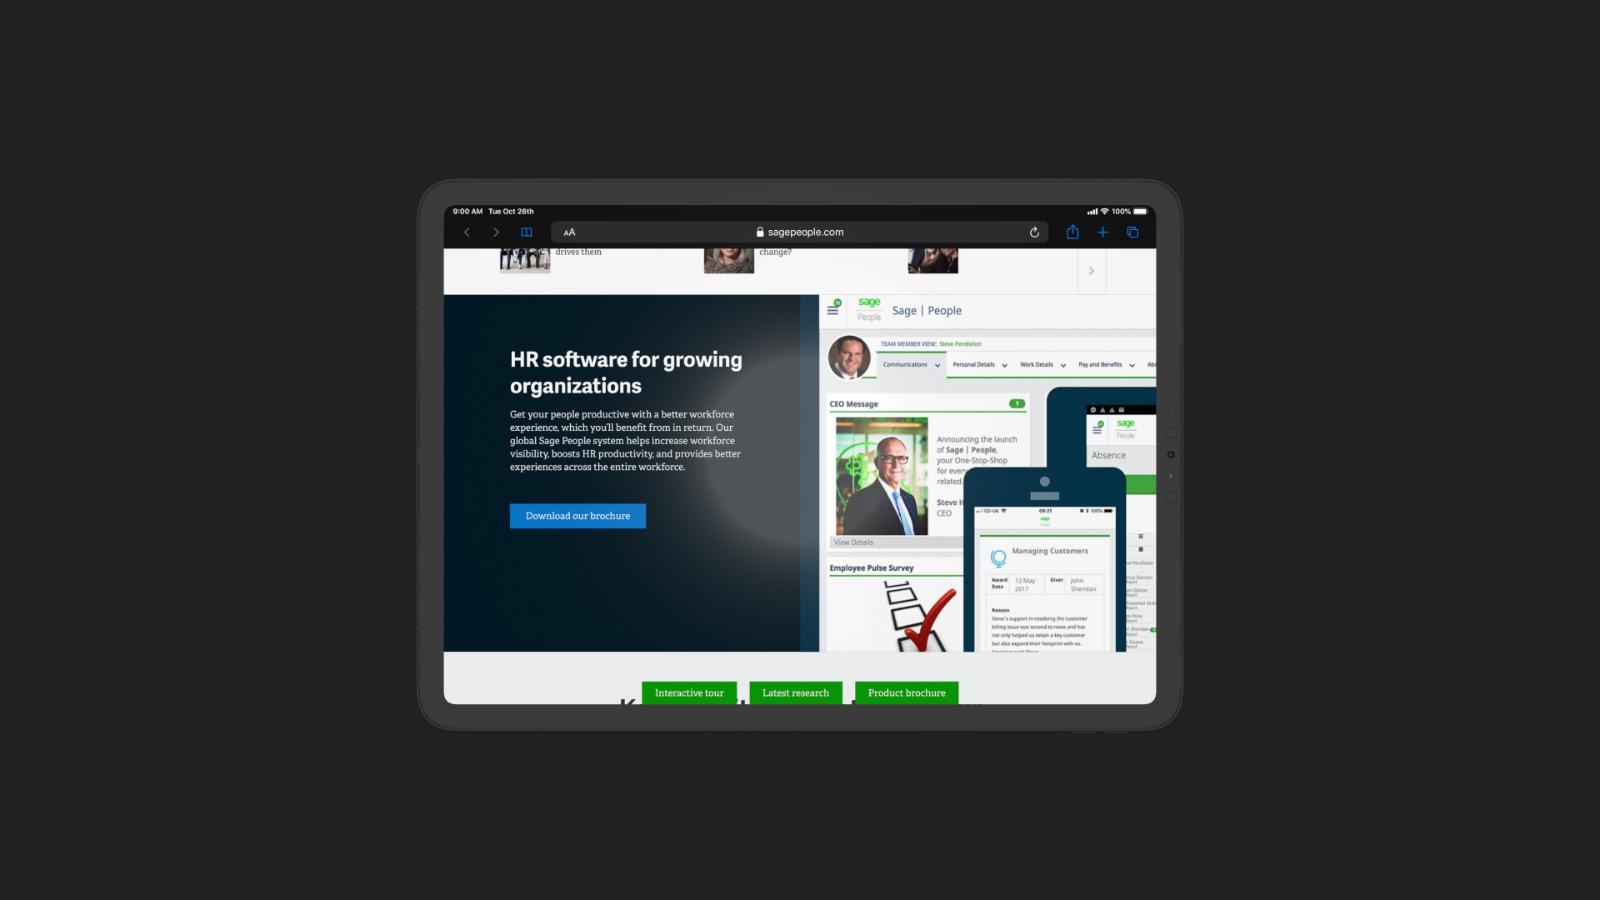 Tablet displaying sagepeople website